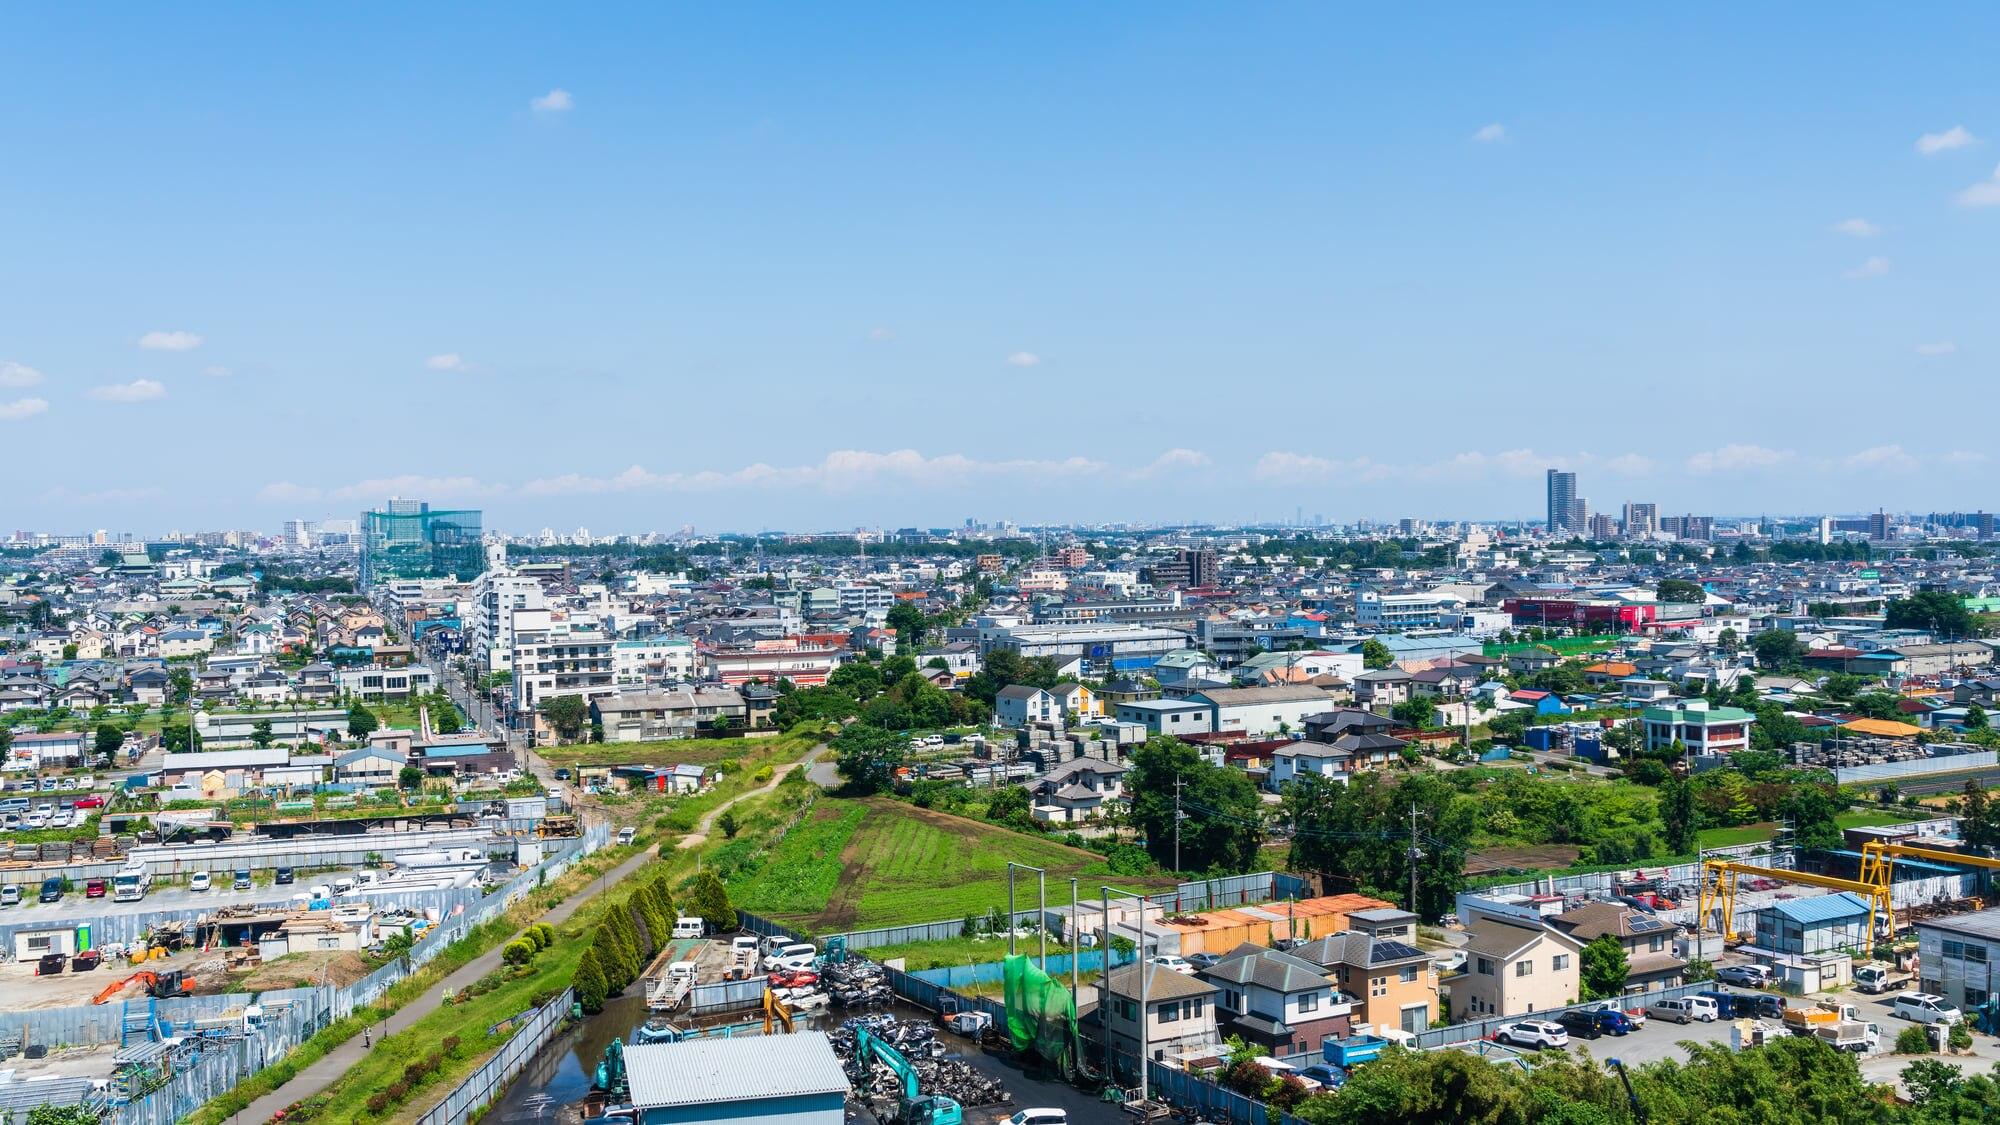 神奈川県|相模原市でさがすホテル10選!緑豊かで大規模なベッドタウン